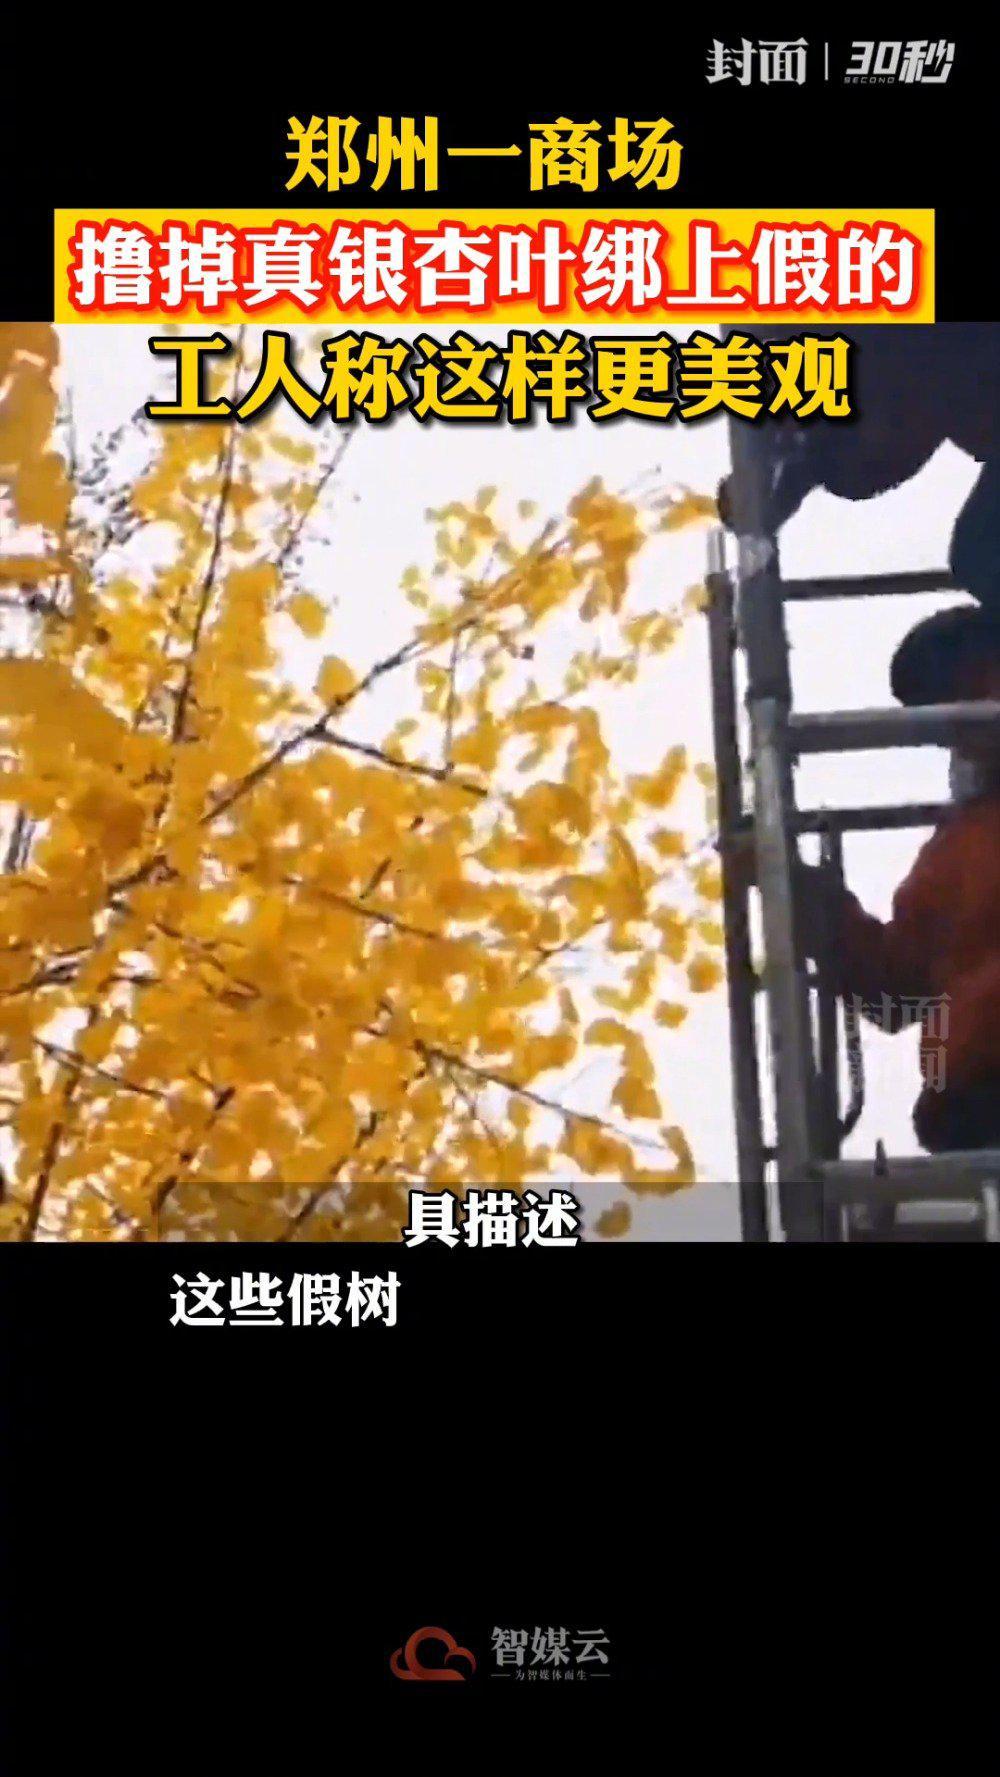 商场回应给银杏绑假树叶:树叶自然掉落……